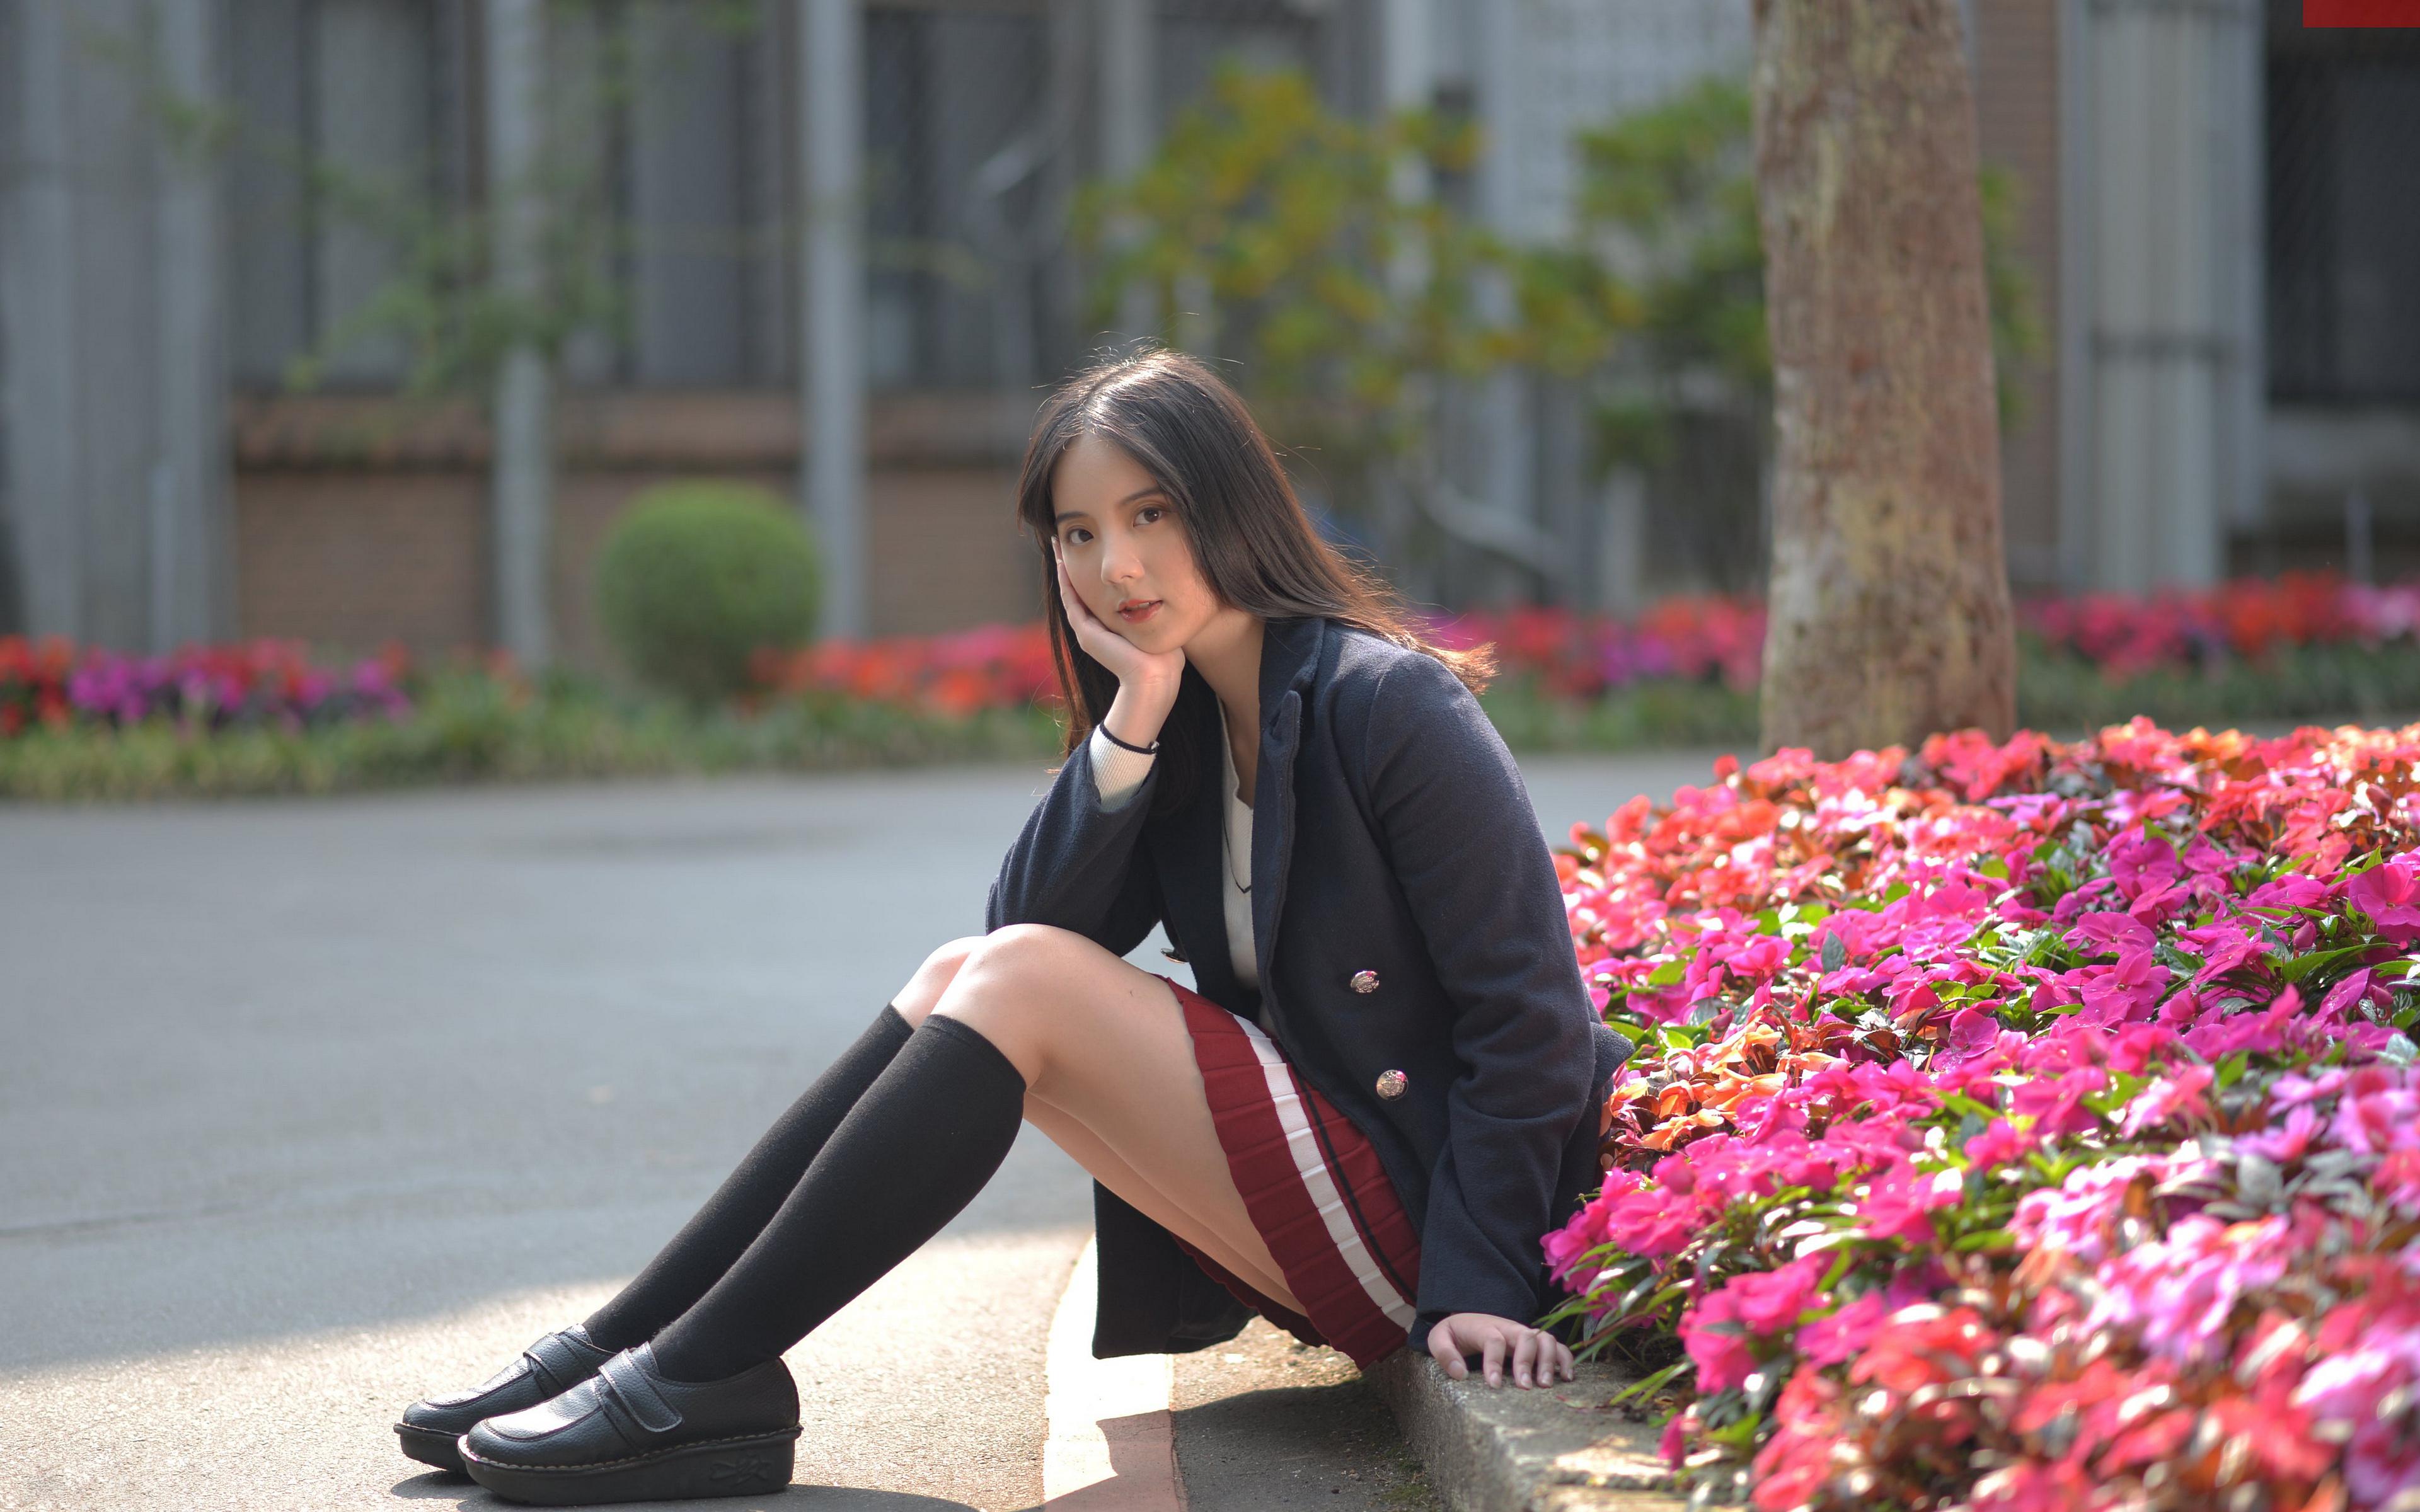 Fotos Long Socken Mädchens Bein Asiatische Sitzend Sakko Blick 3840x2400 junge frau junge Frauen Asiaten asiatisches sitzt sitzen Starren